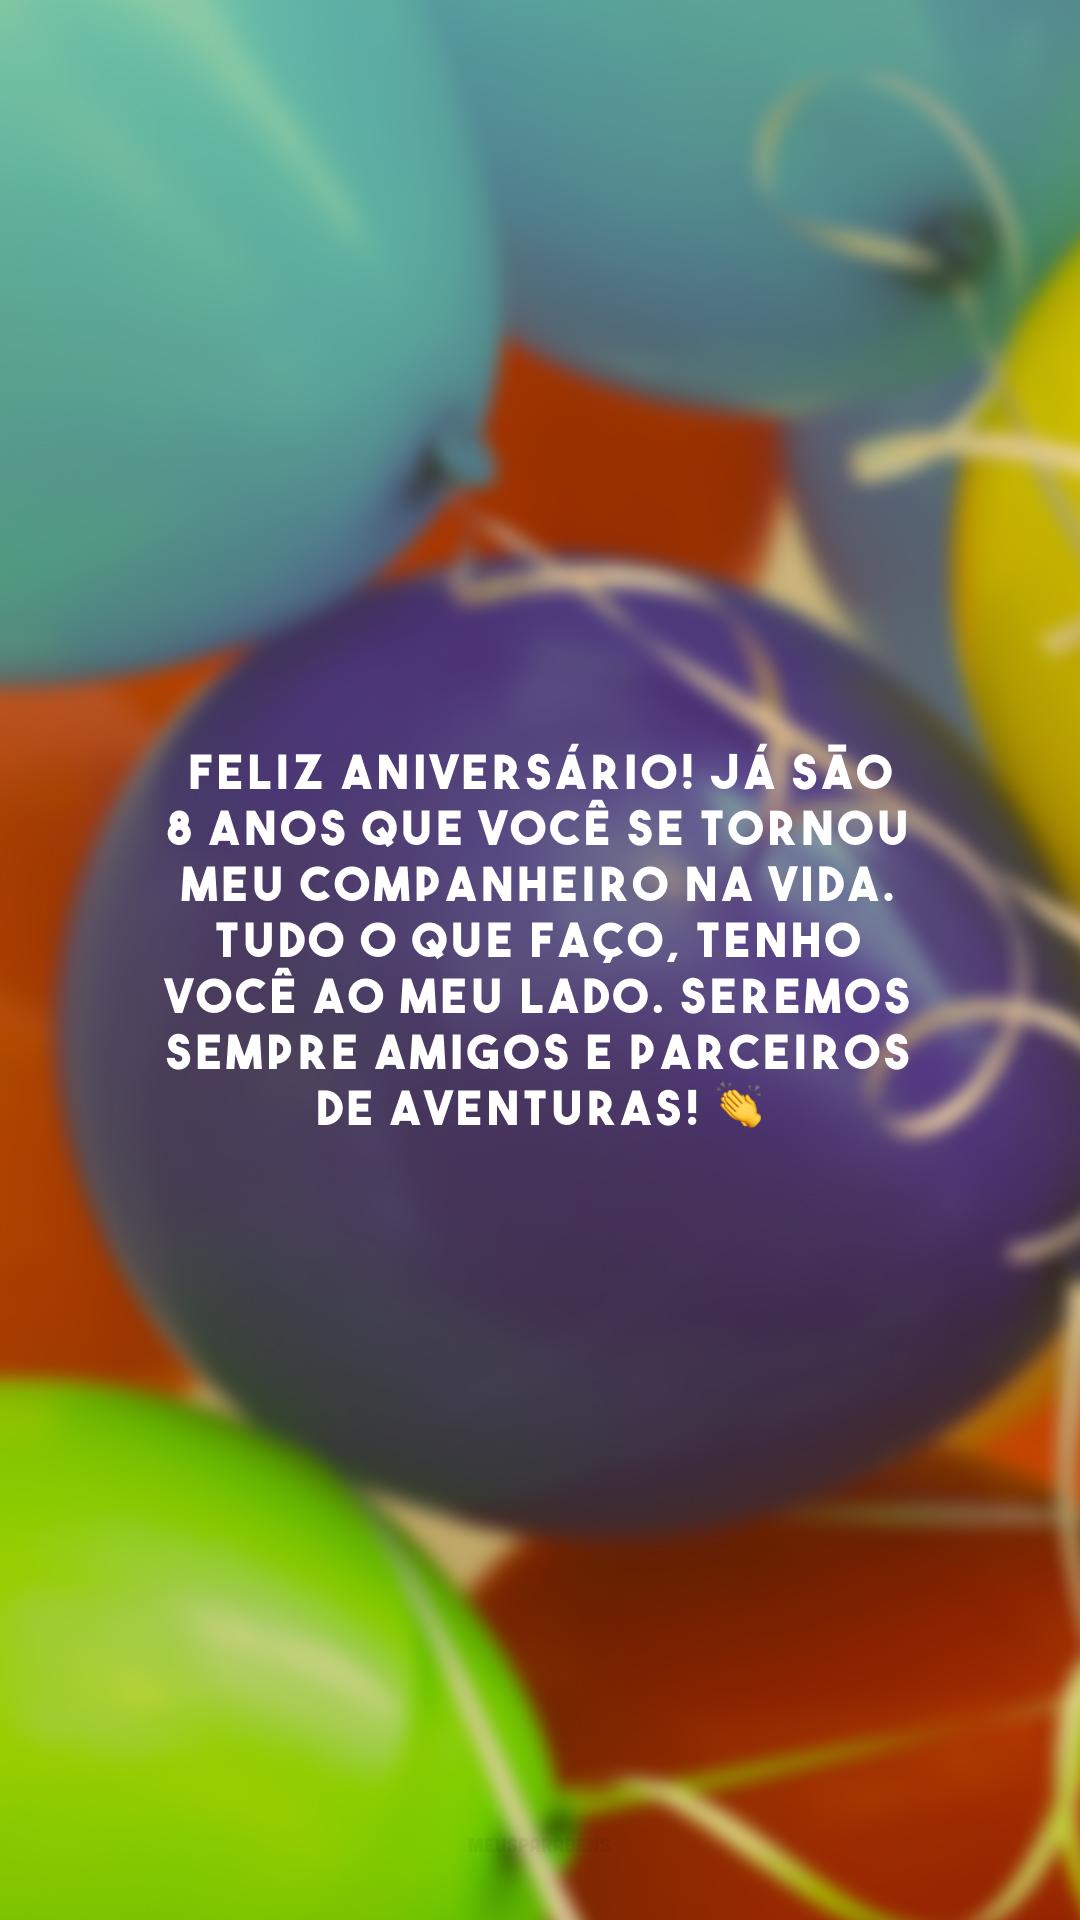 Feliz aniversário! Já são 8 anos que você se tornou meu companheiro na vida. Tudo o que faço, tenho você ao meu lado. Seremos sempre amigos e parceiros de aventuras! 👏